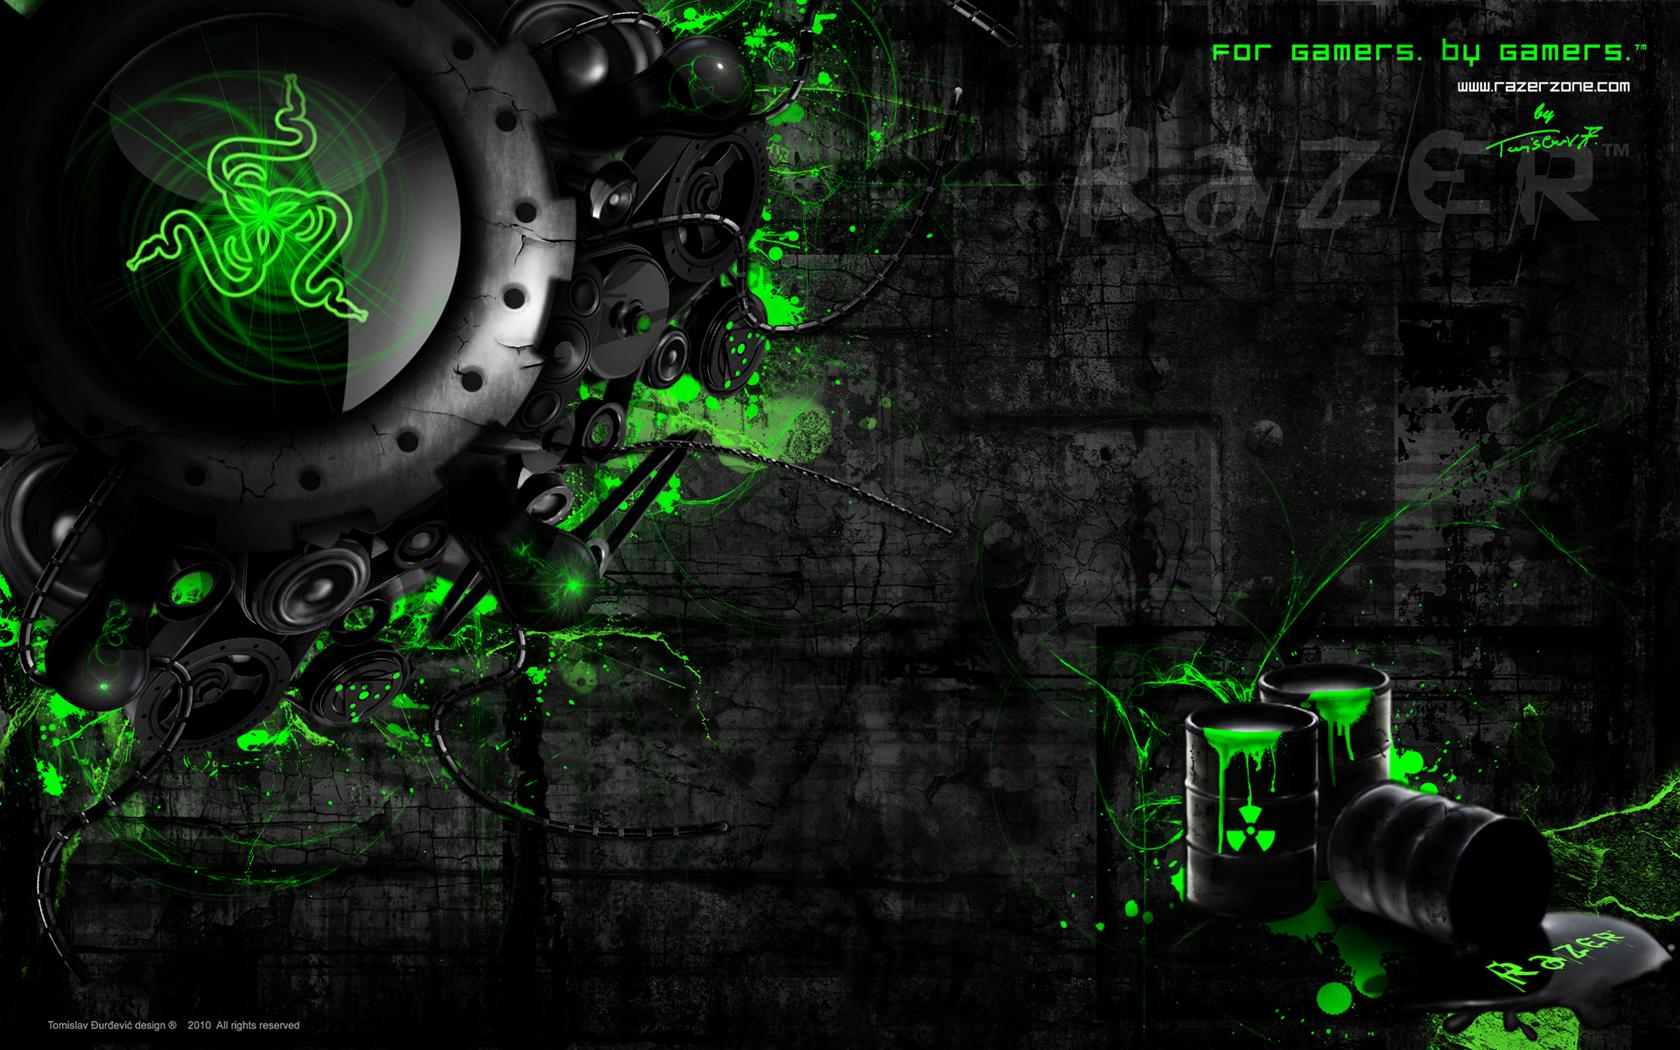 1920x1200px #982014 <b>Razer</b> (592.91 KB) | 06.09.2015 | By BULL_DoG